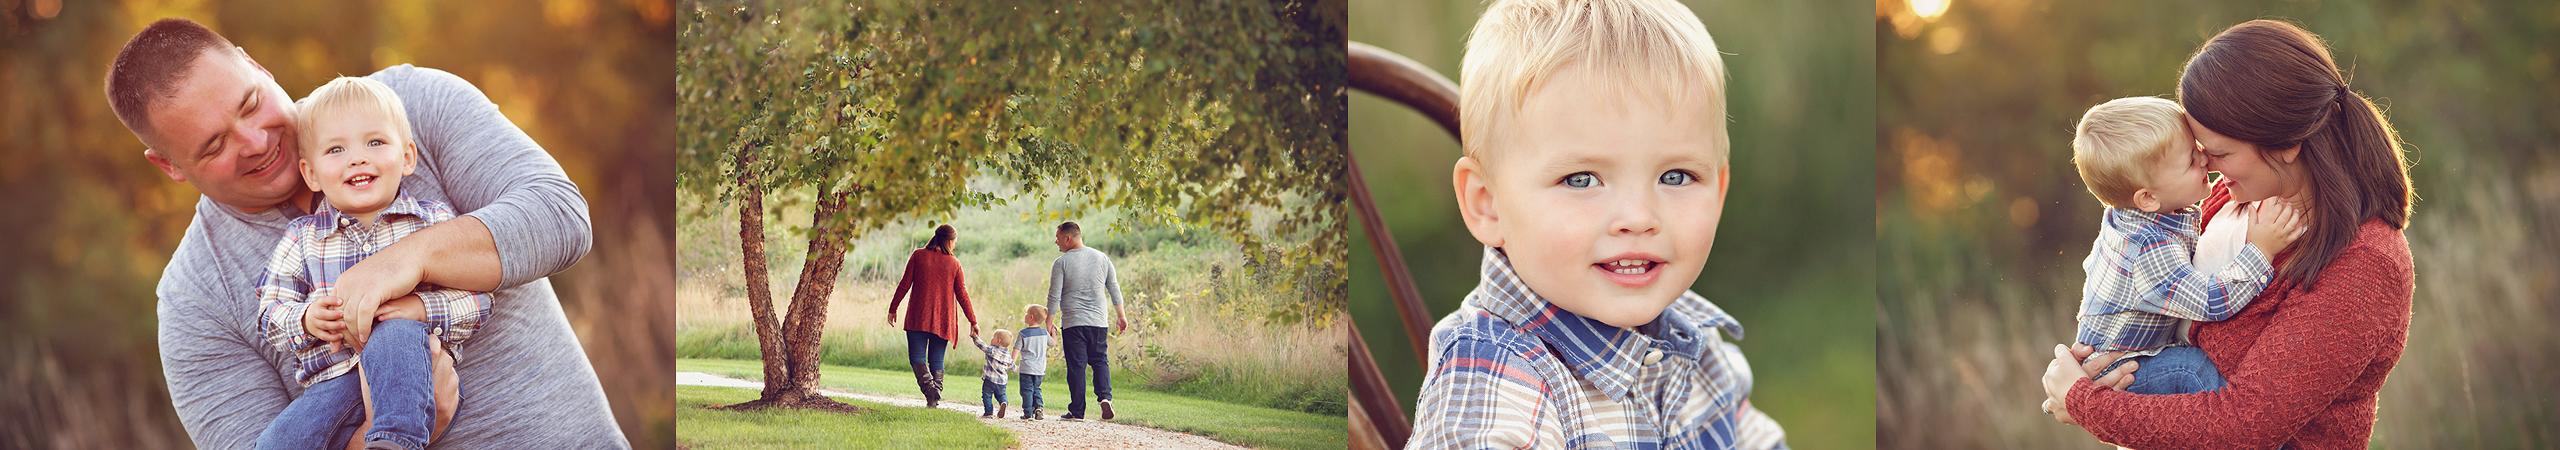 outdoor family photos in lincoln ne